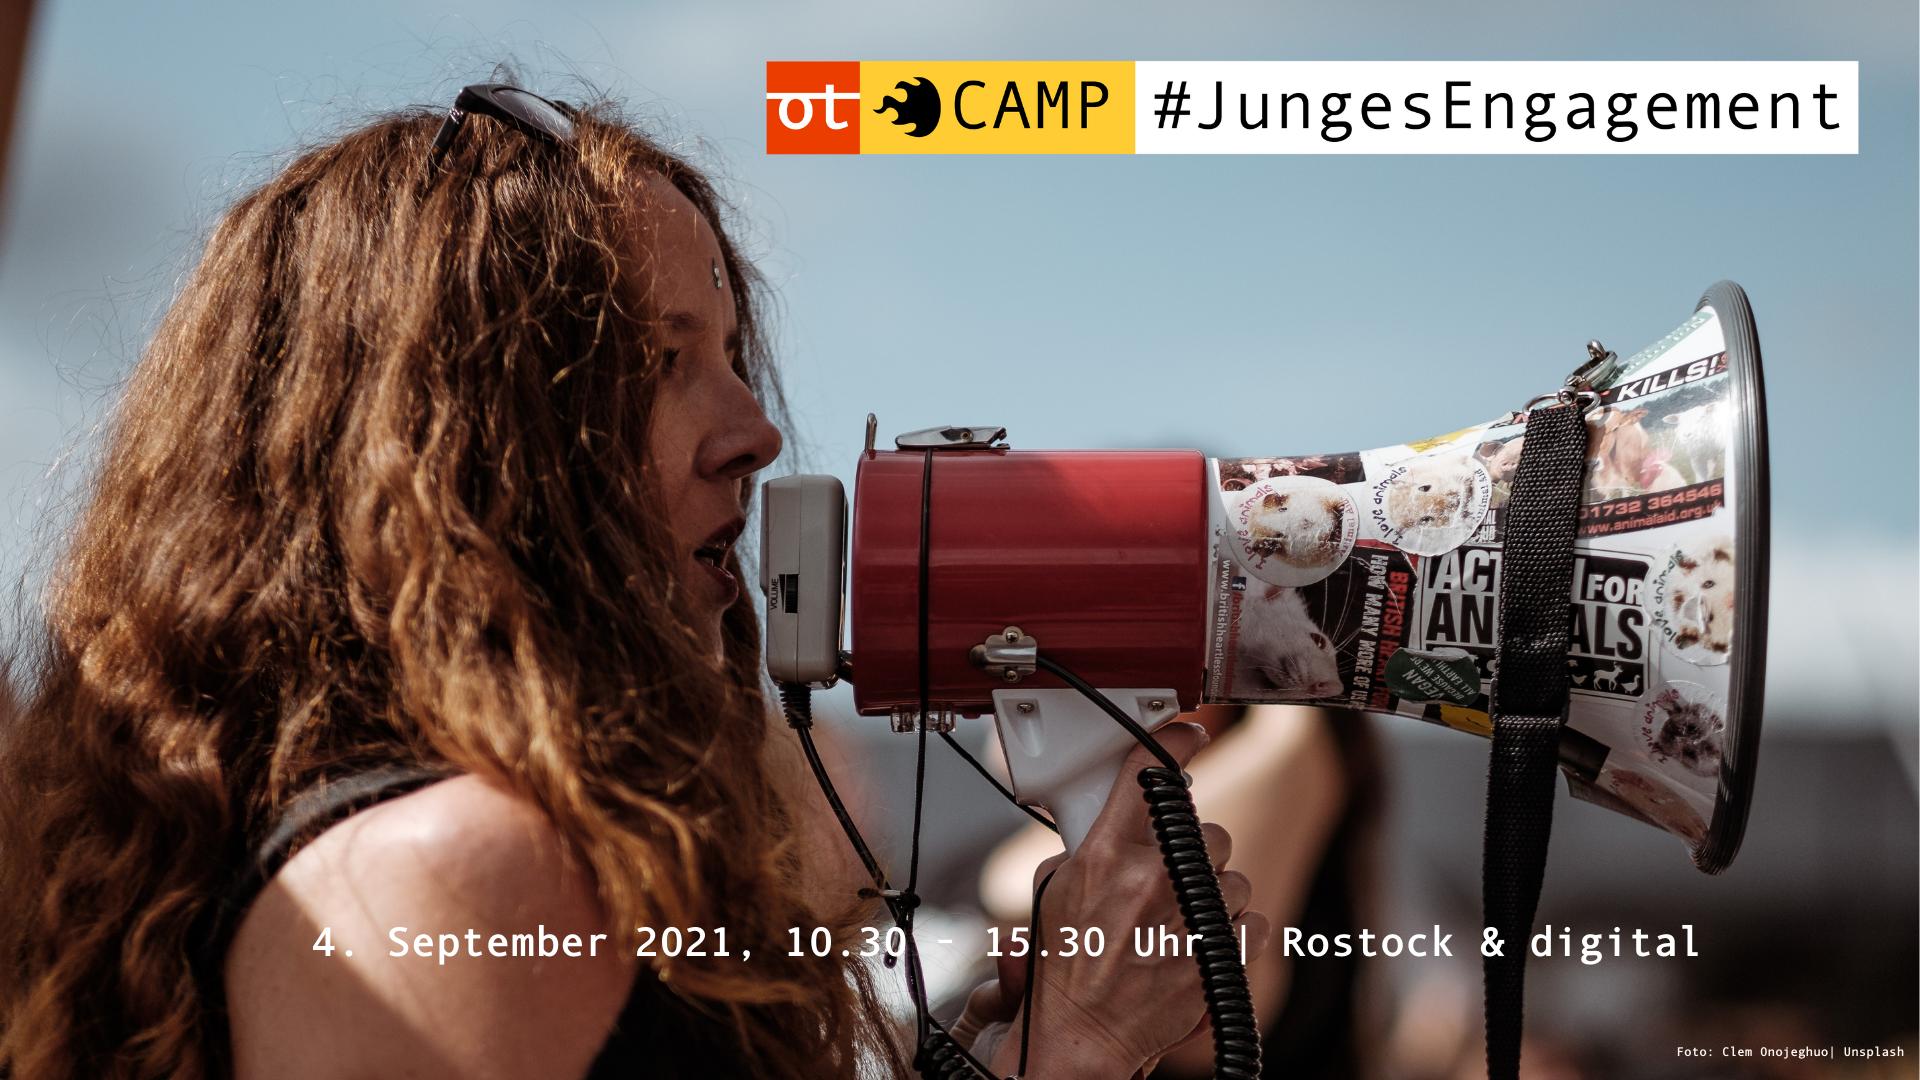 Man sieht eine junge Frau im Profil, die in ein Megafon spricht. Text:openTransfer CAMP #JungesEngagement am 4. September 2021, 10.30 - 15.30 Uhr, in Rostock und digital